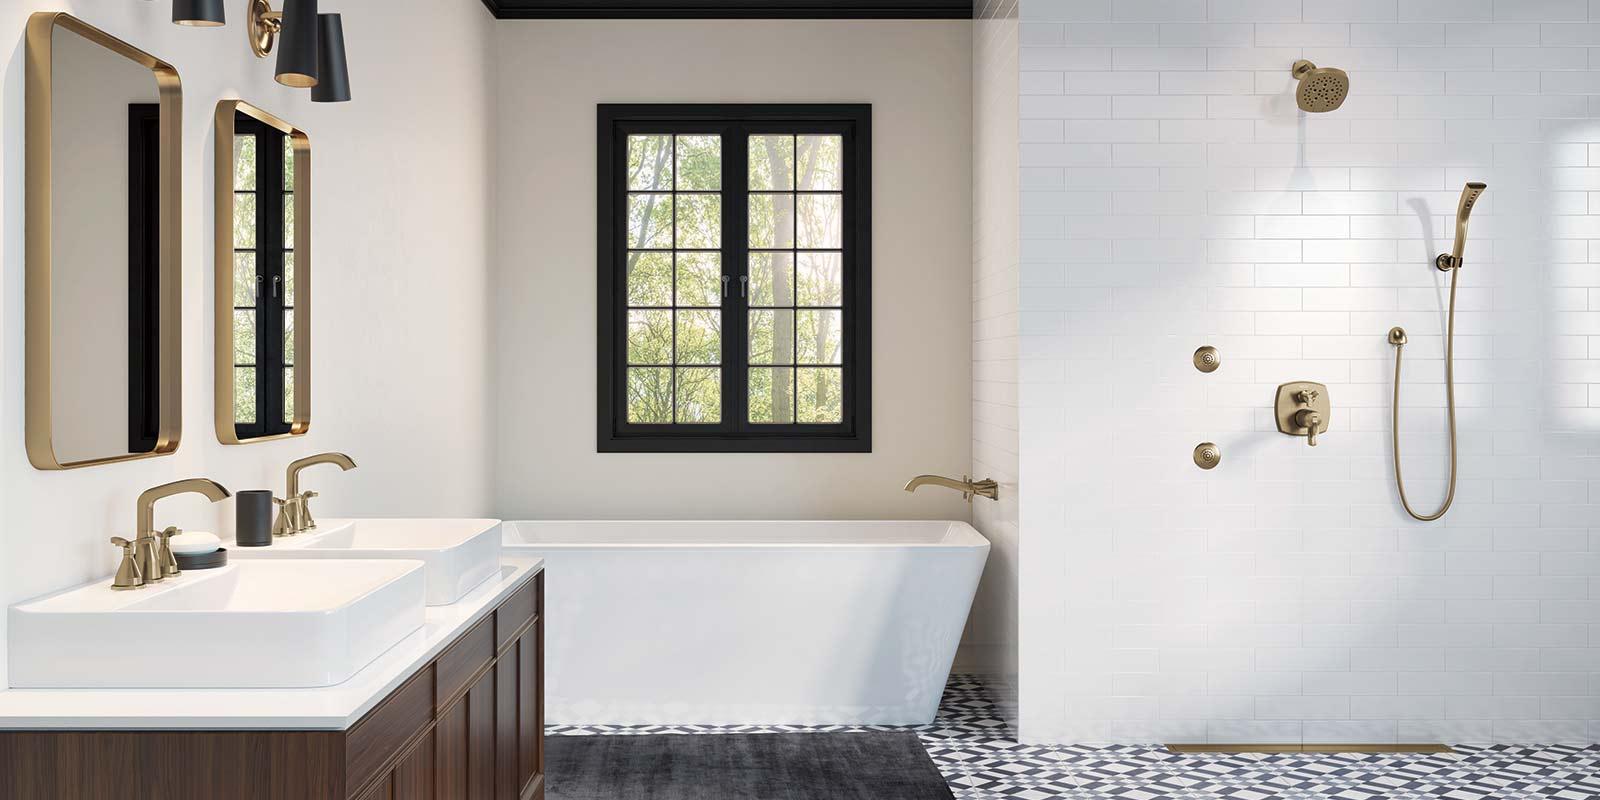 delta faucet bathroom kitchen